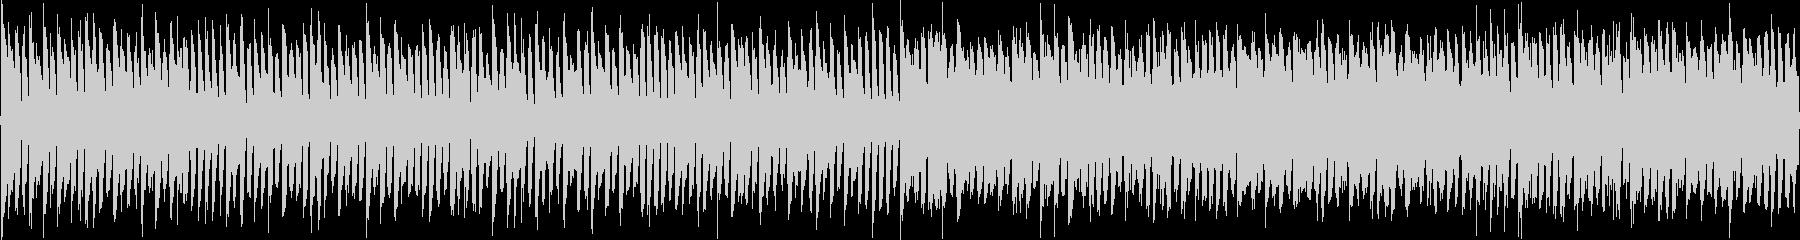 クイズ_シリアス_エレクトロ_ループの未再生の波形